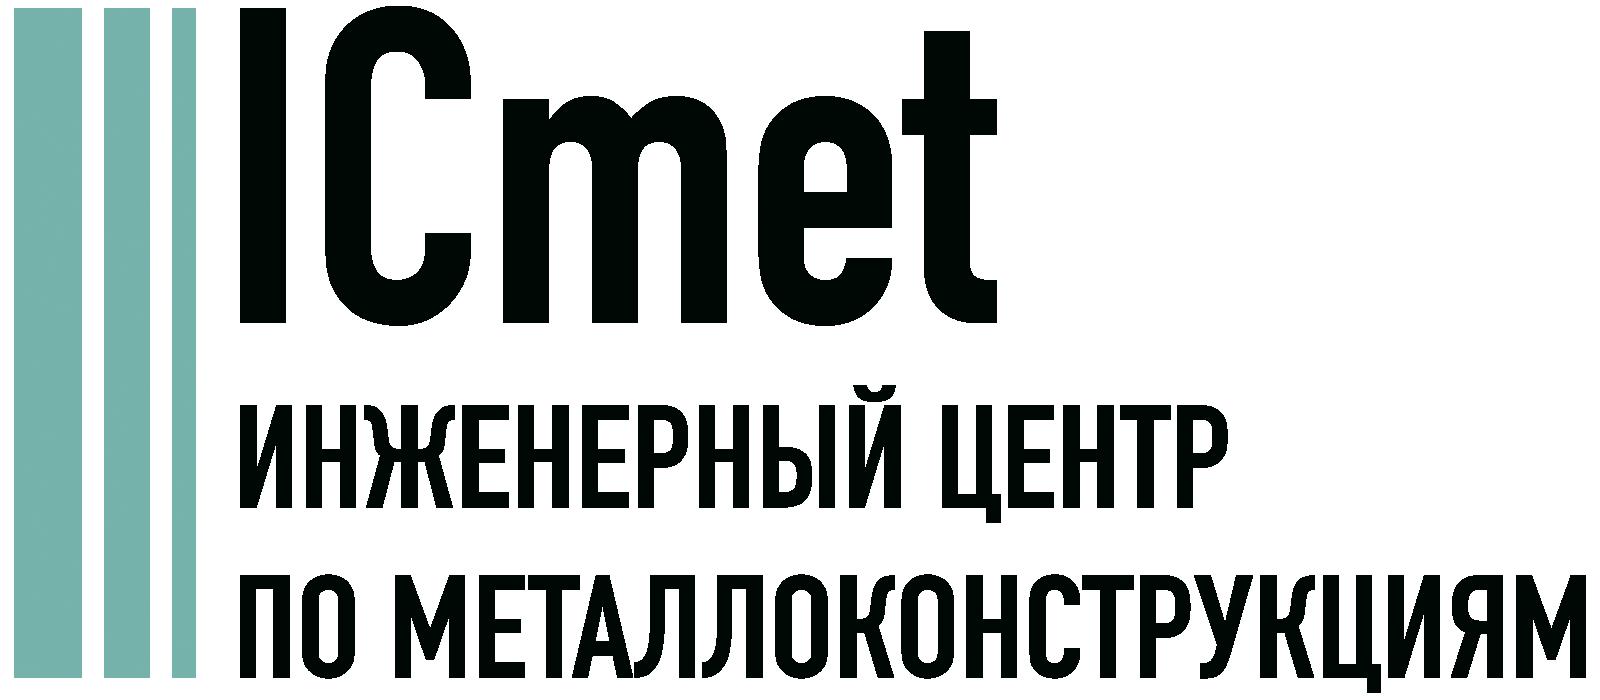 Проектирование металлоконструкций в Барнауле